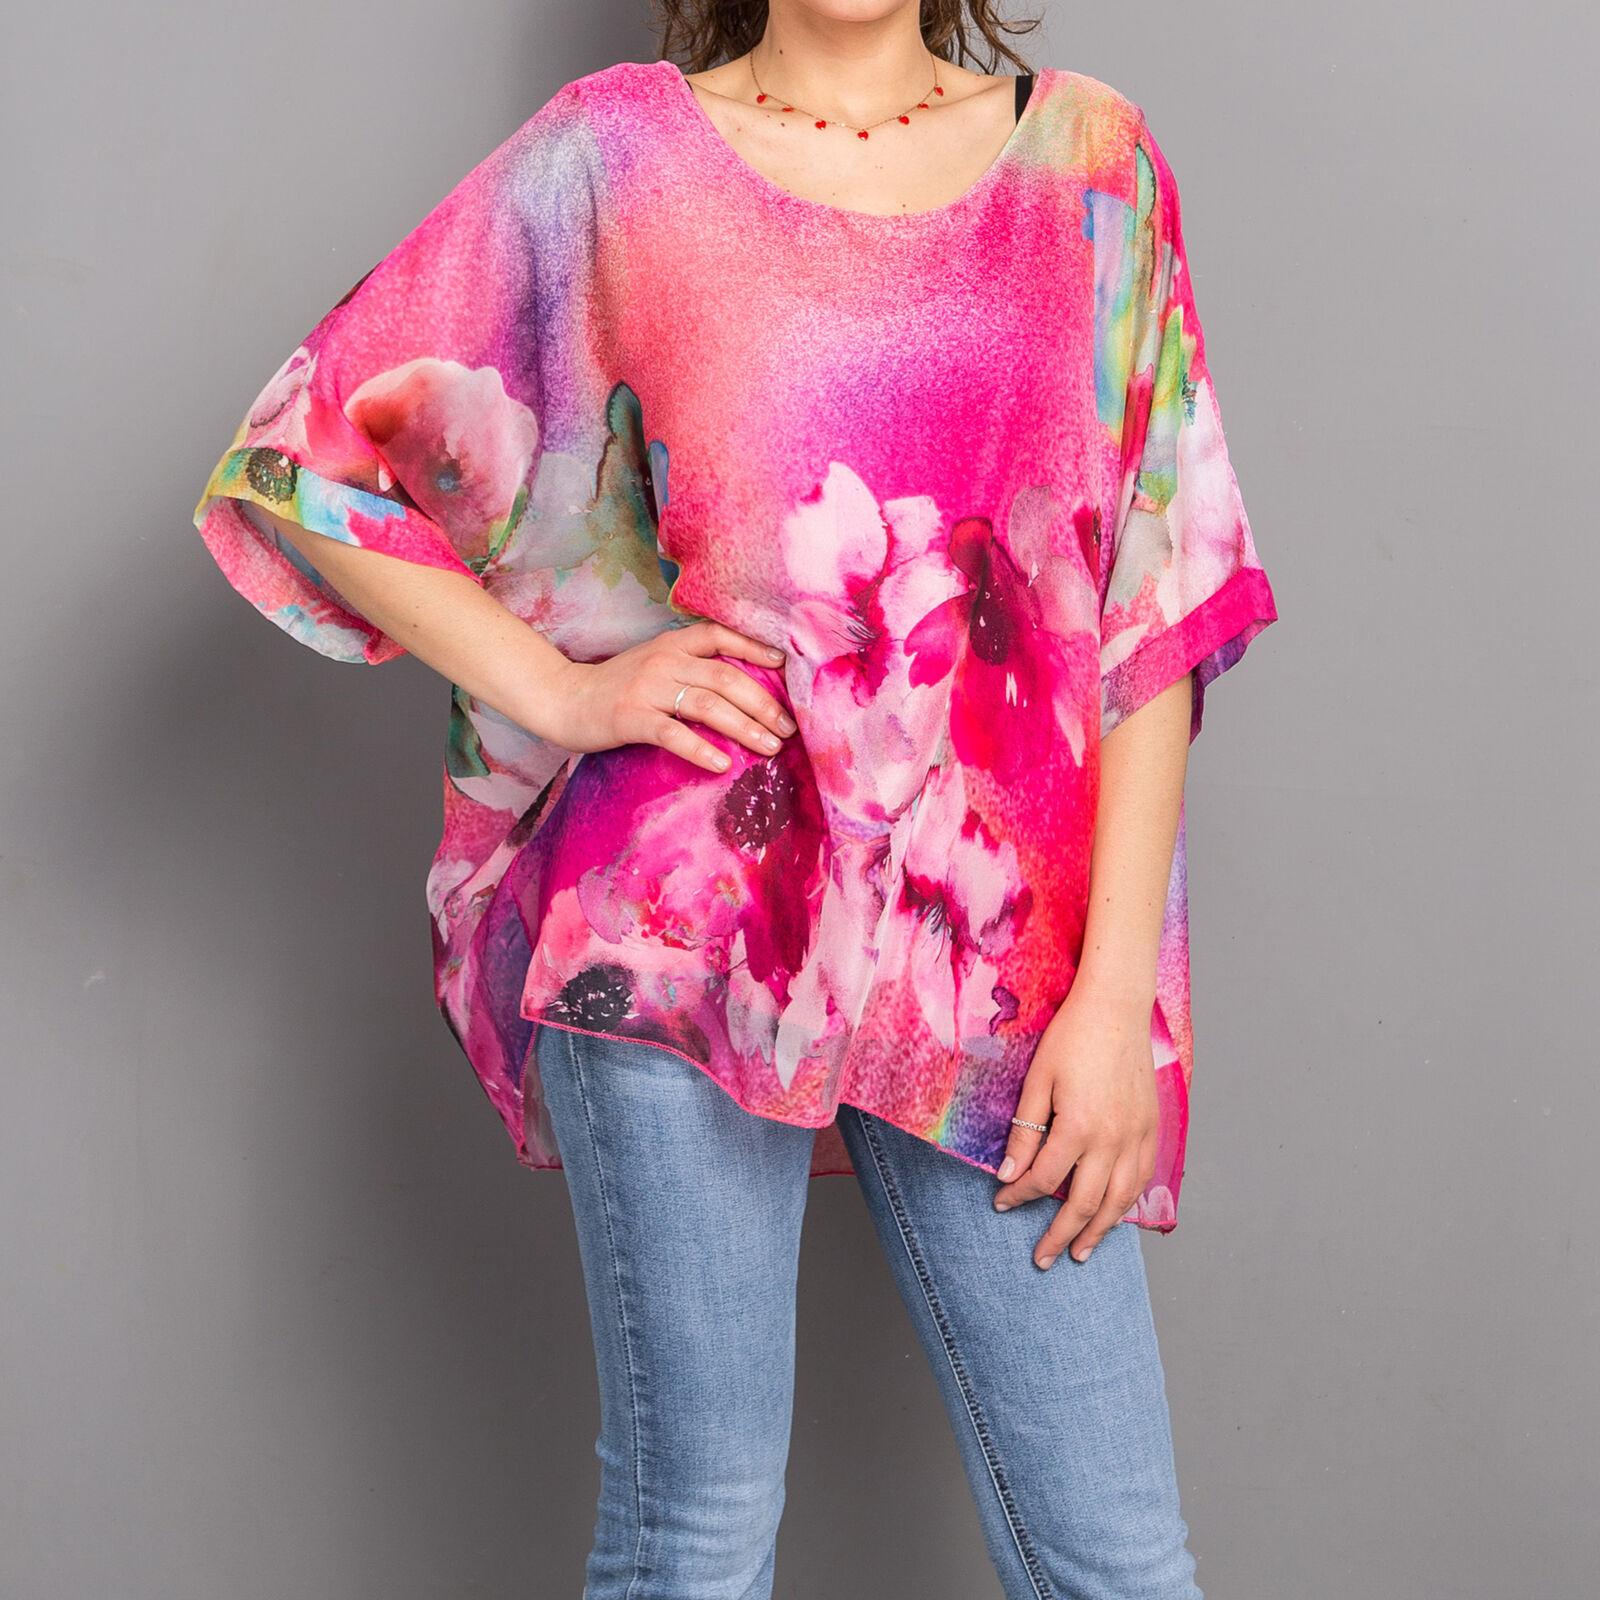 Blusa donna camicia camicetta velo trasparente fiori floreale canotta moda 95703